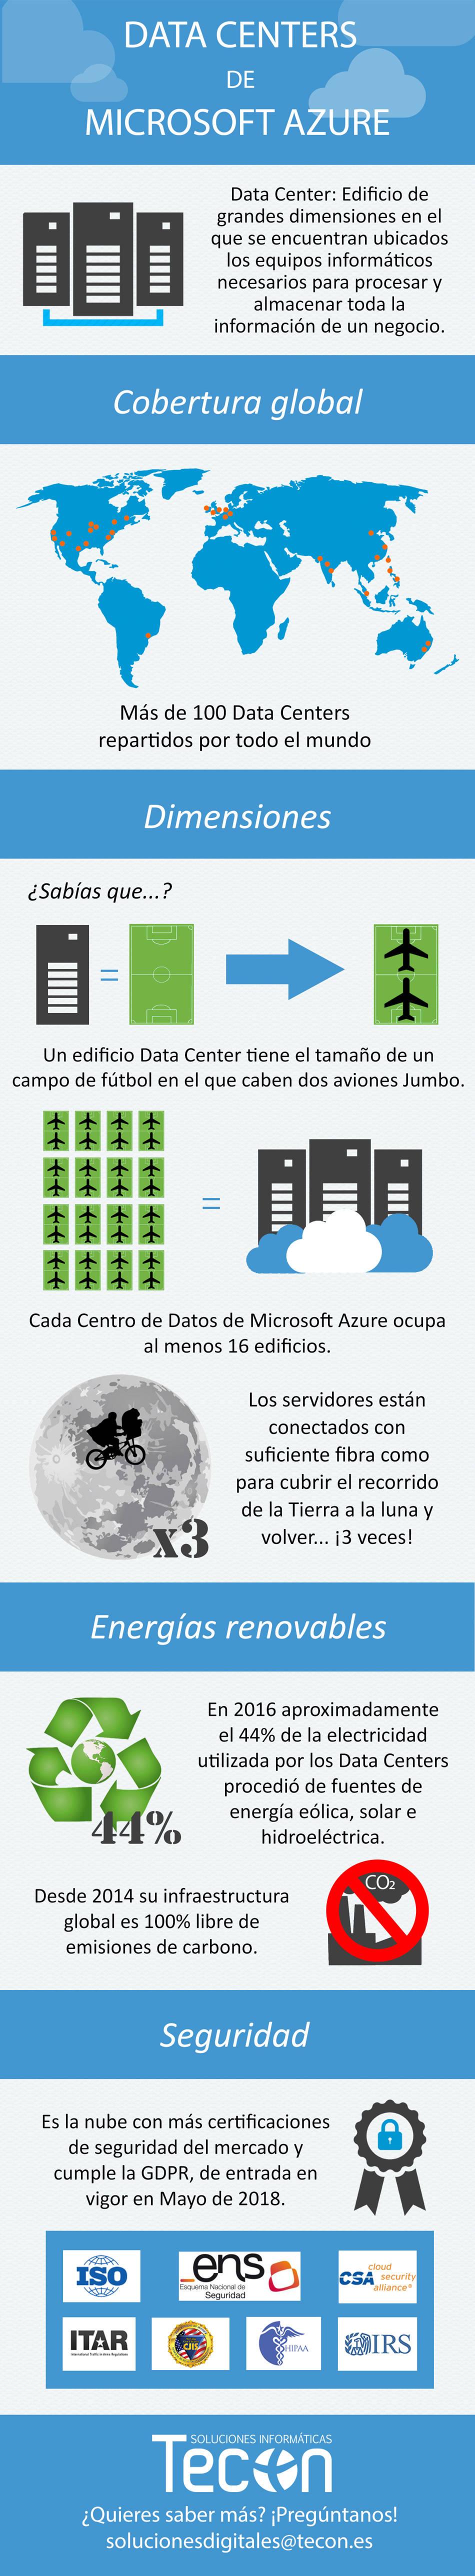 Infografía Data Centers de Microsoft Azure